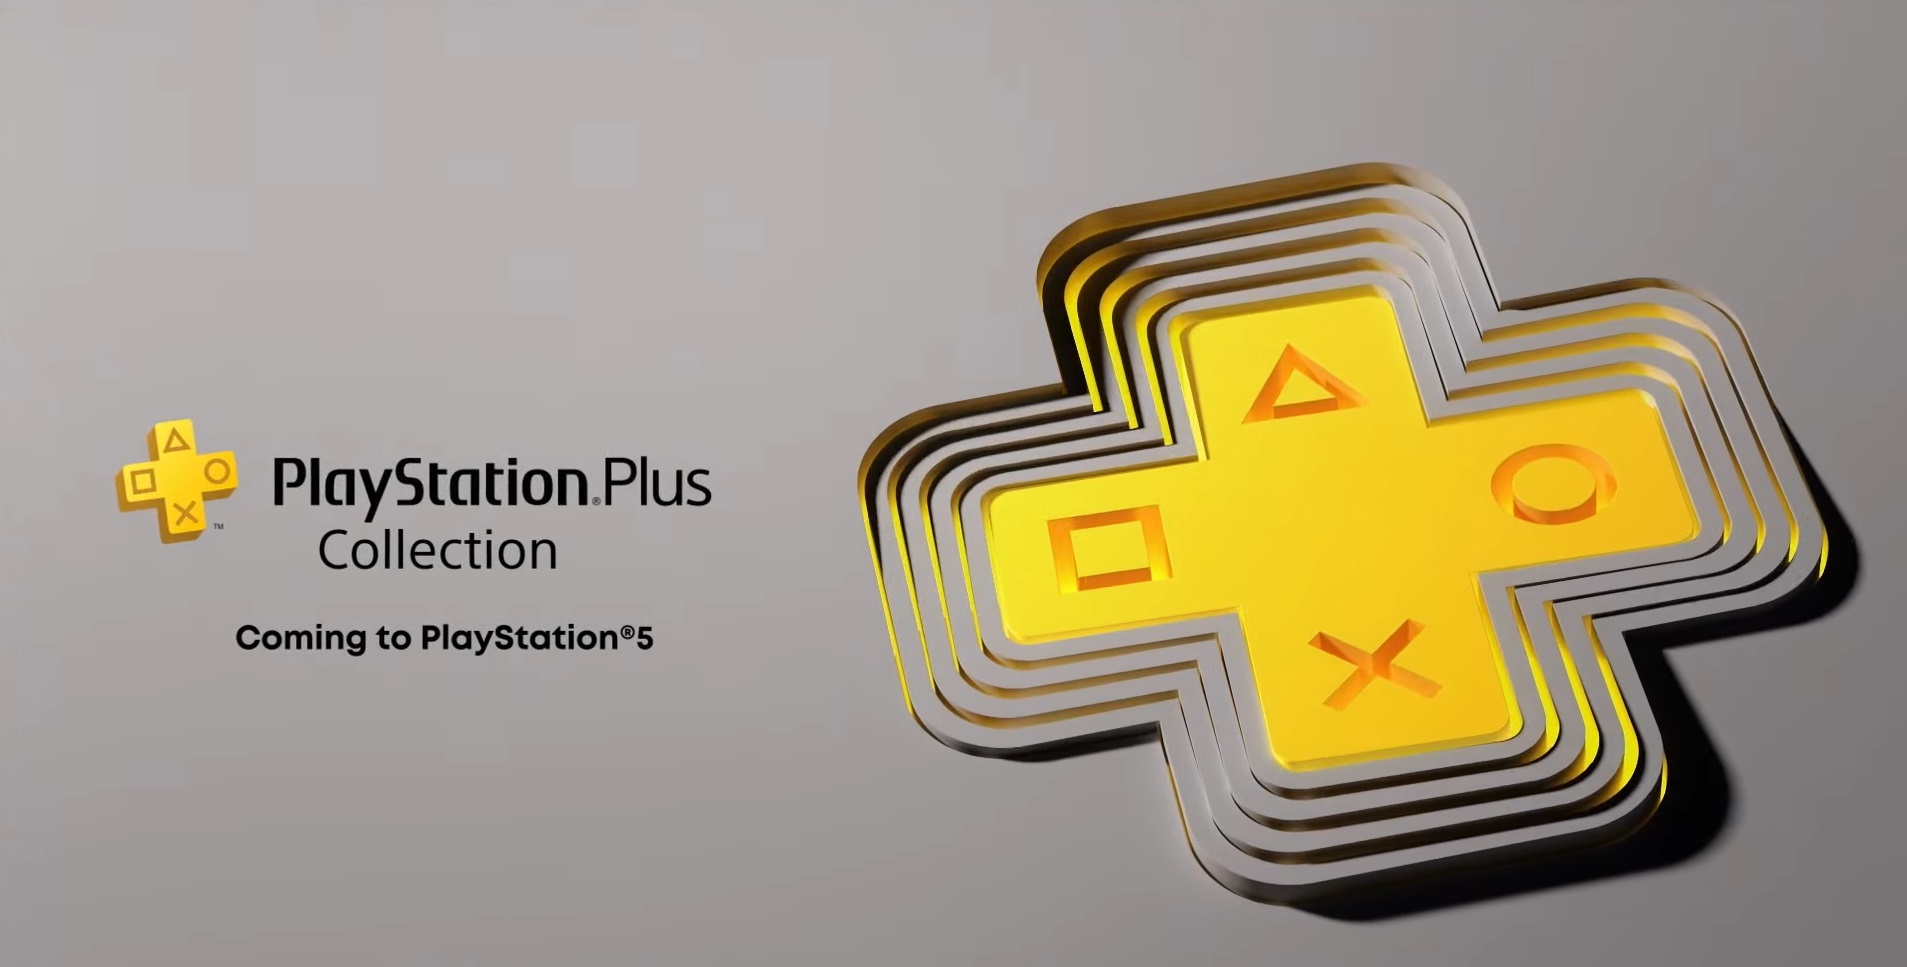 Cómo descargar en PS4 los juegos PS+ Collection de PS5